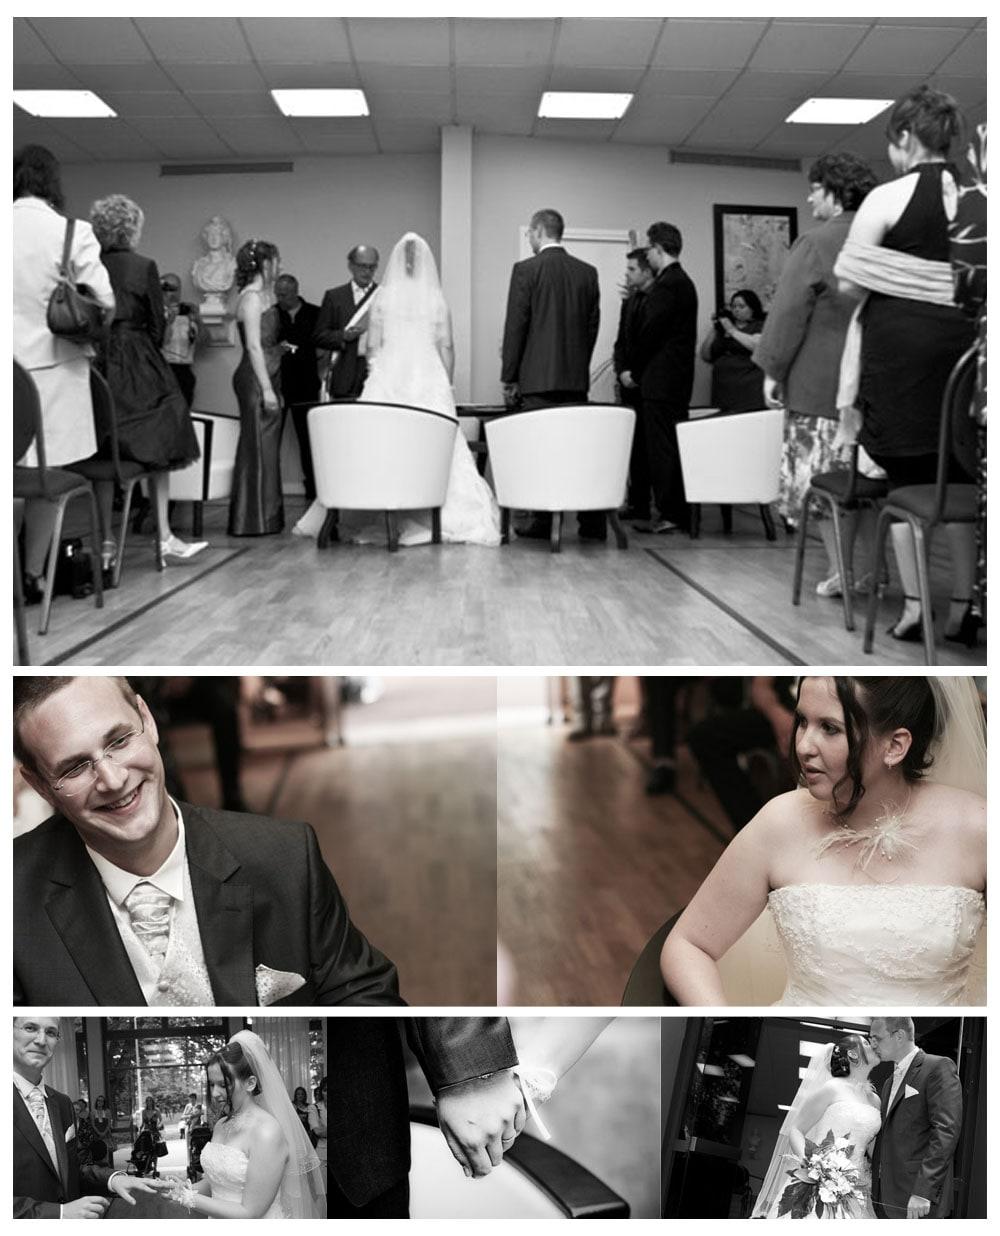 photographe mariage saint ouen laumone val doise 95 - Photographe Mariage Val D Oise